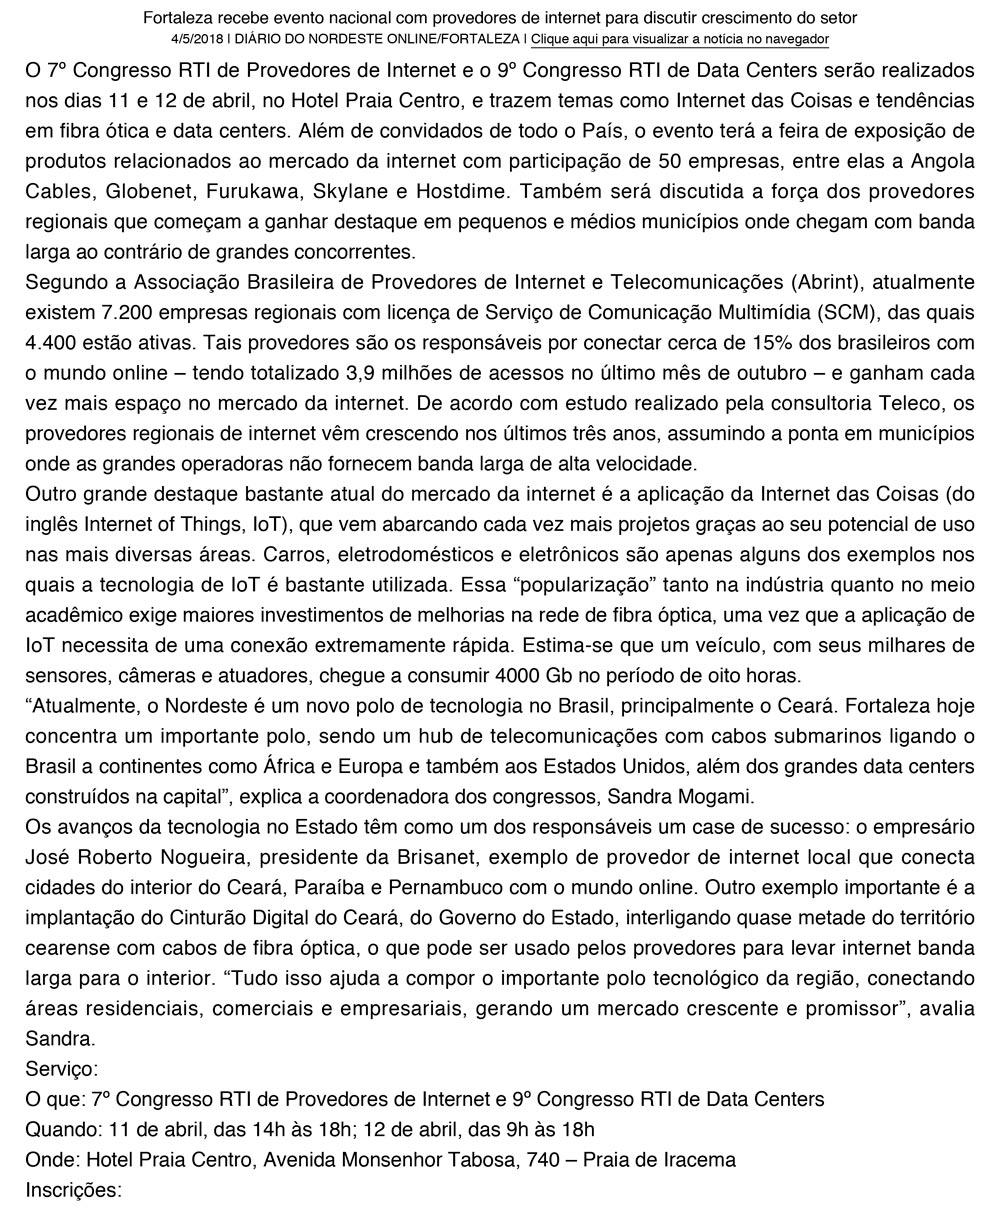 impressao_boxnet_2018-04-05_-_15h47m23s-grande